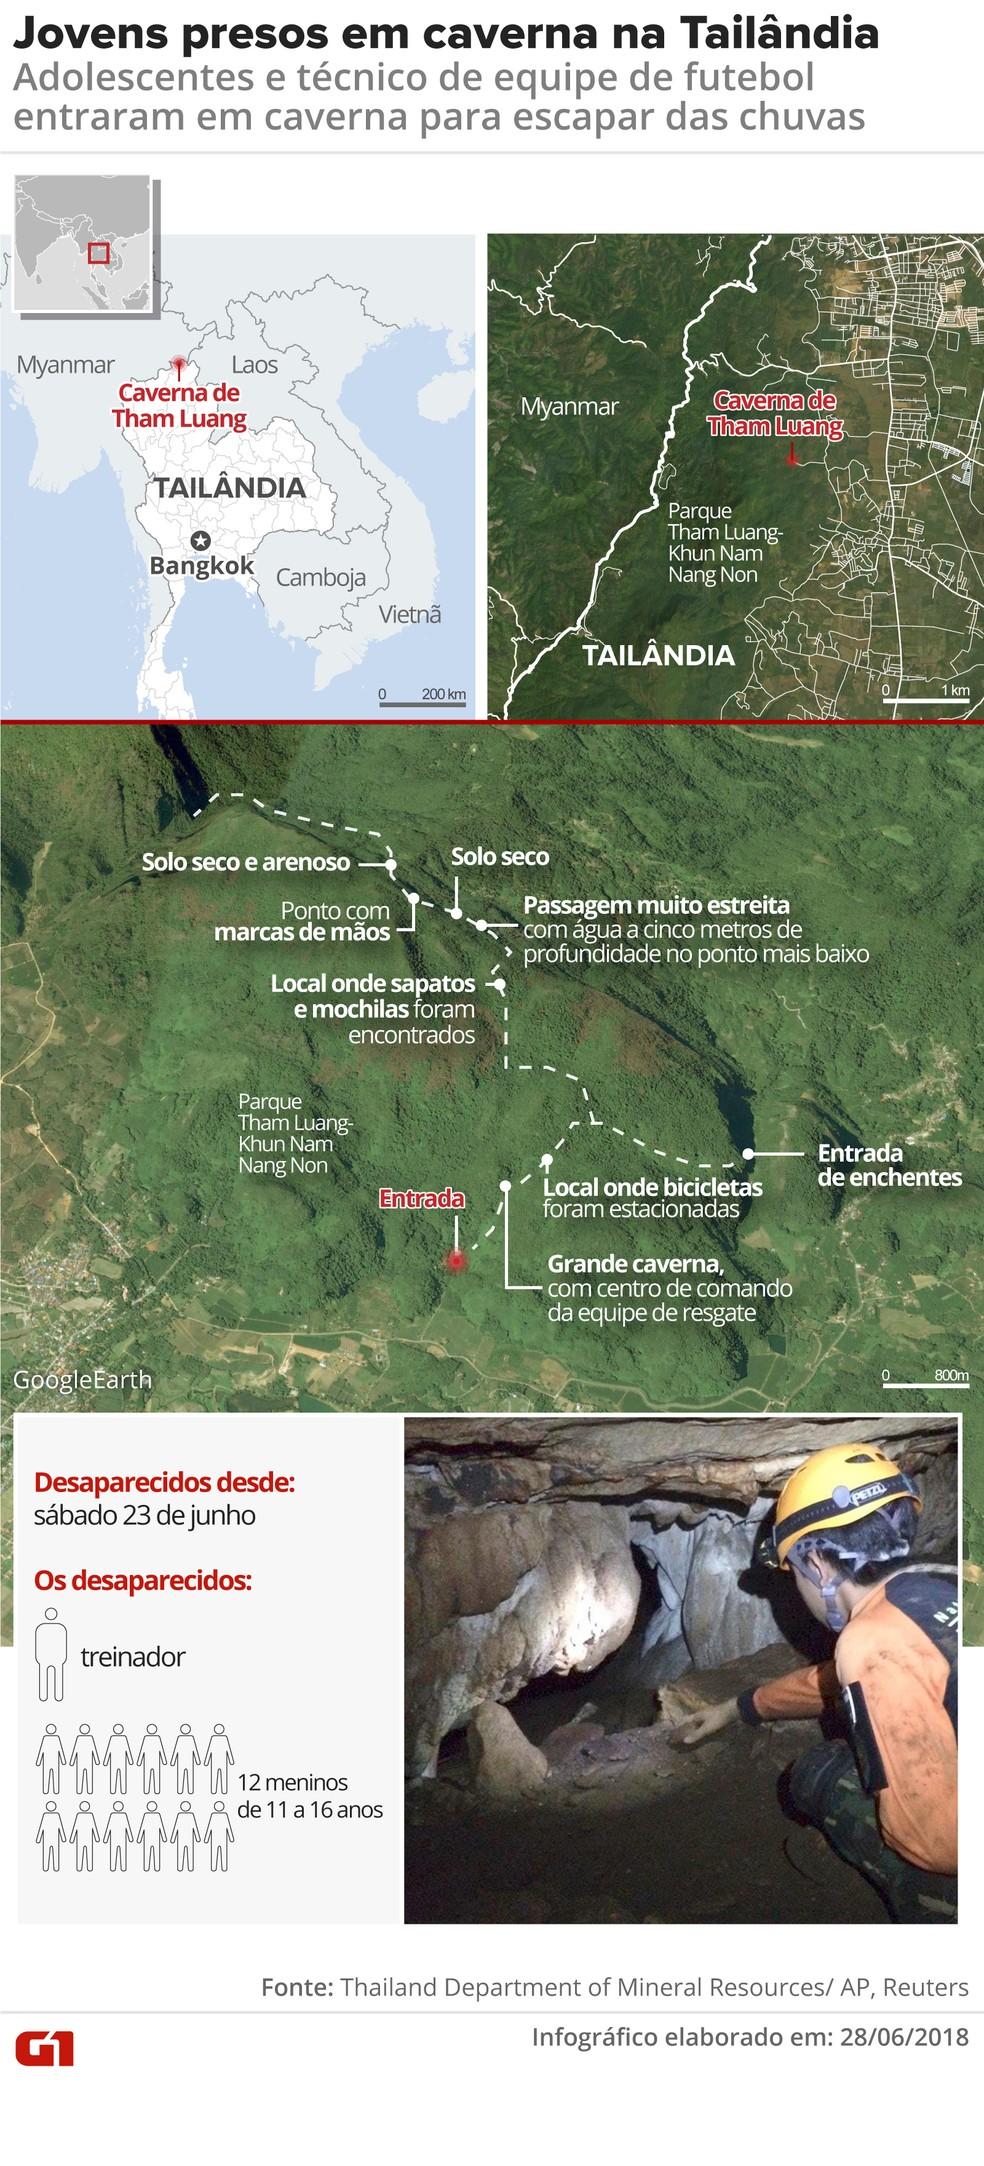 Mapa mostra caverna de Tham Luang, onde jovens ficaram presos (Foto: Juliane Monteiro/G1)